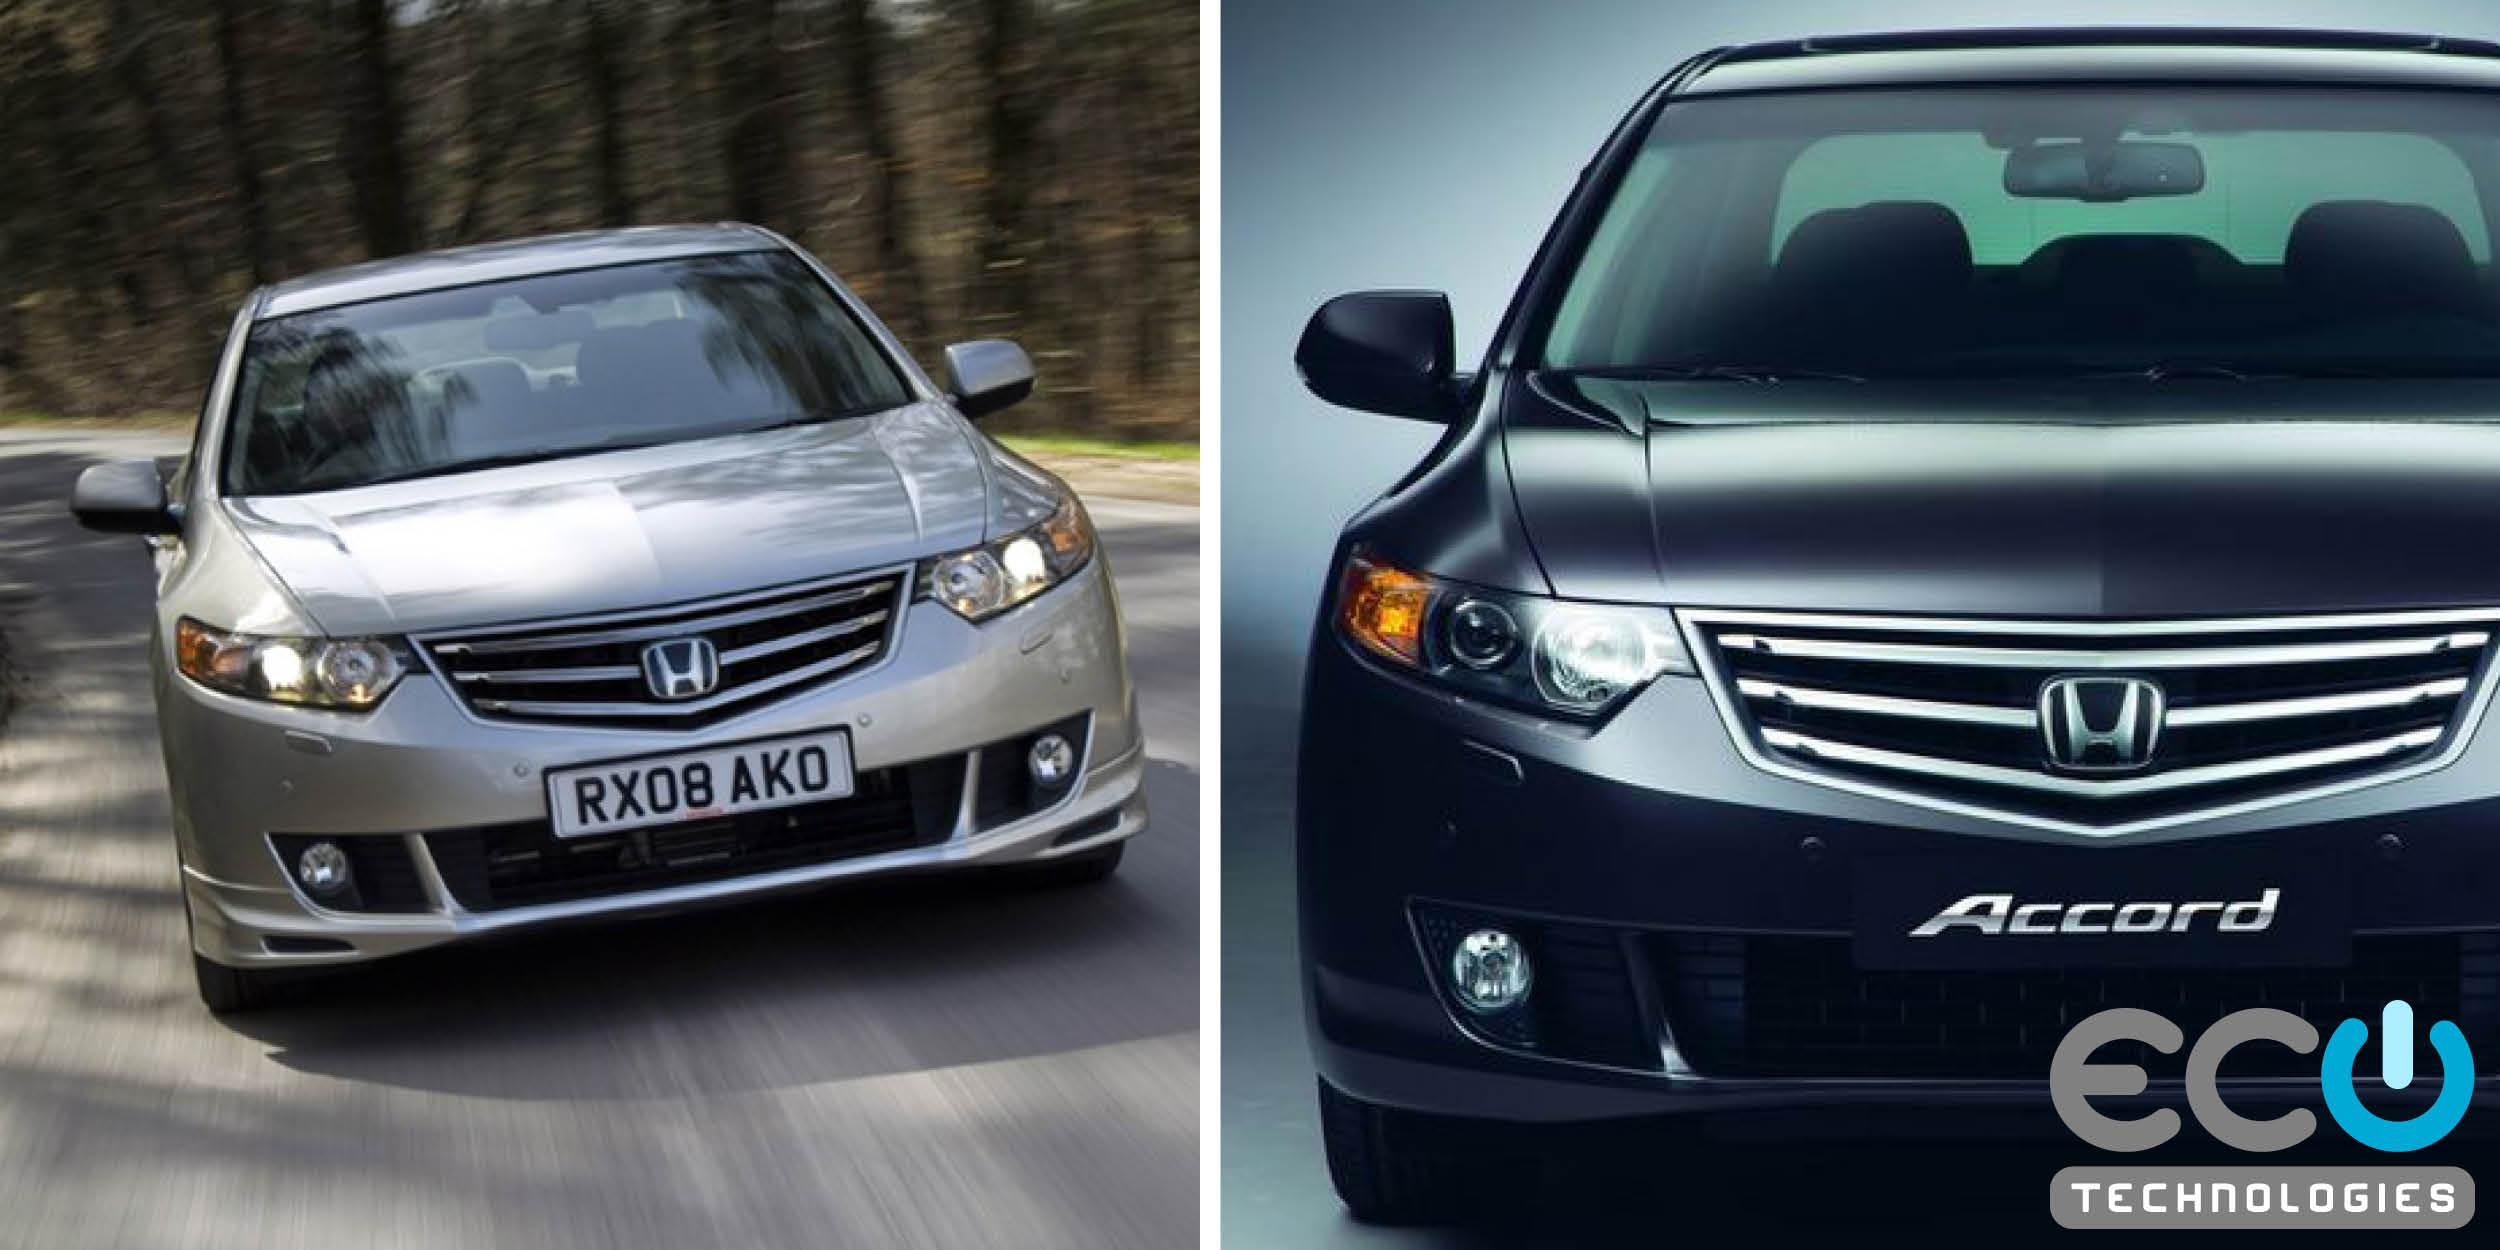 Honda Accord 2 2 i dtec DPF Removal and EGR Removal | Ecu